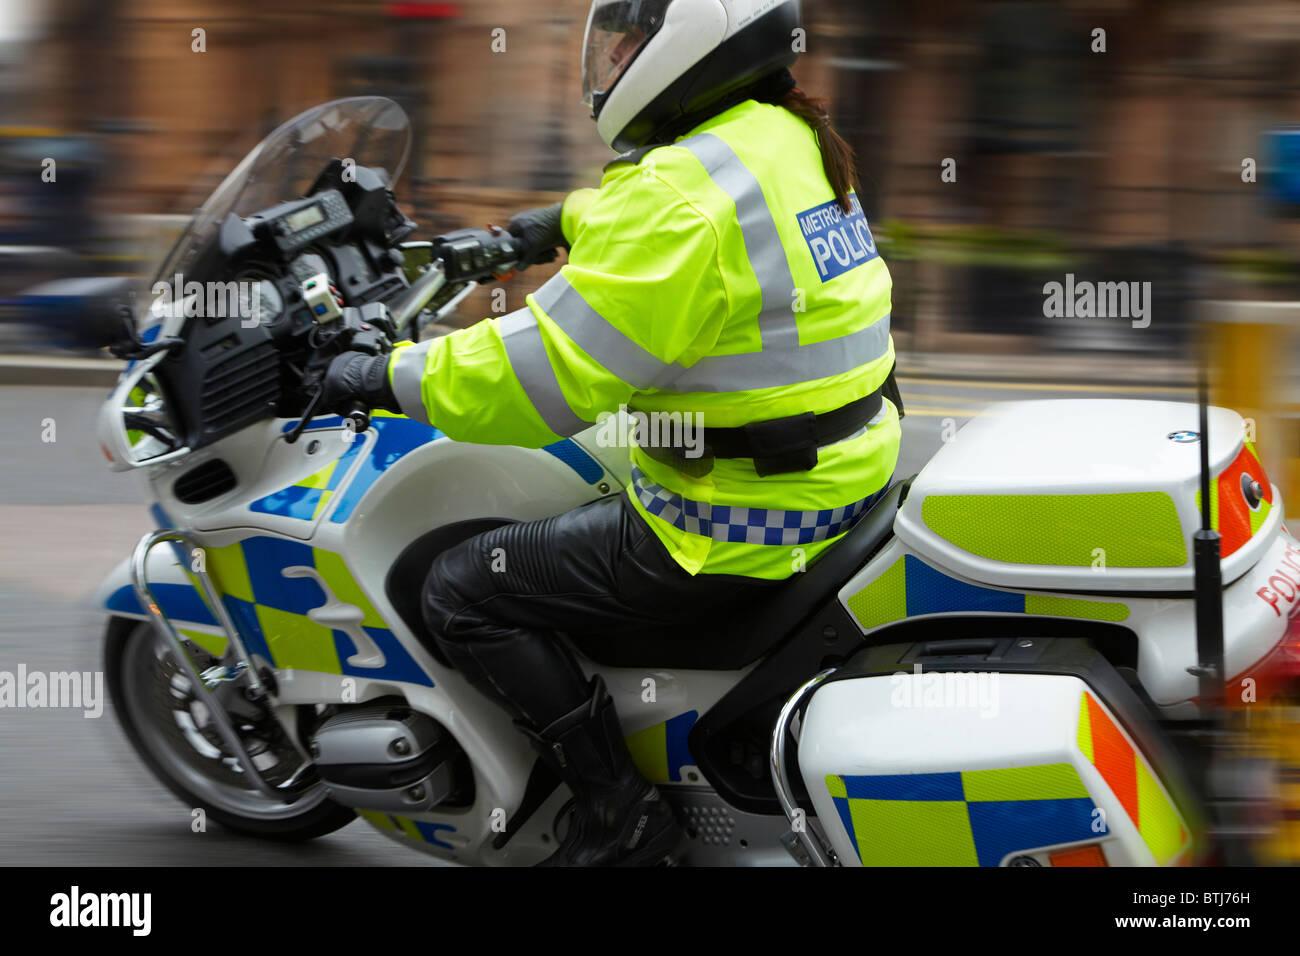 Police Motorbike, London, England, United Kingdom - Stock Image